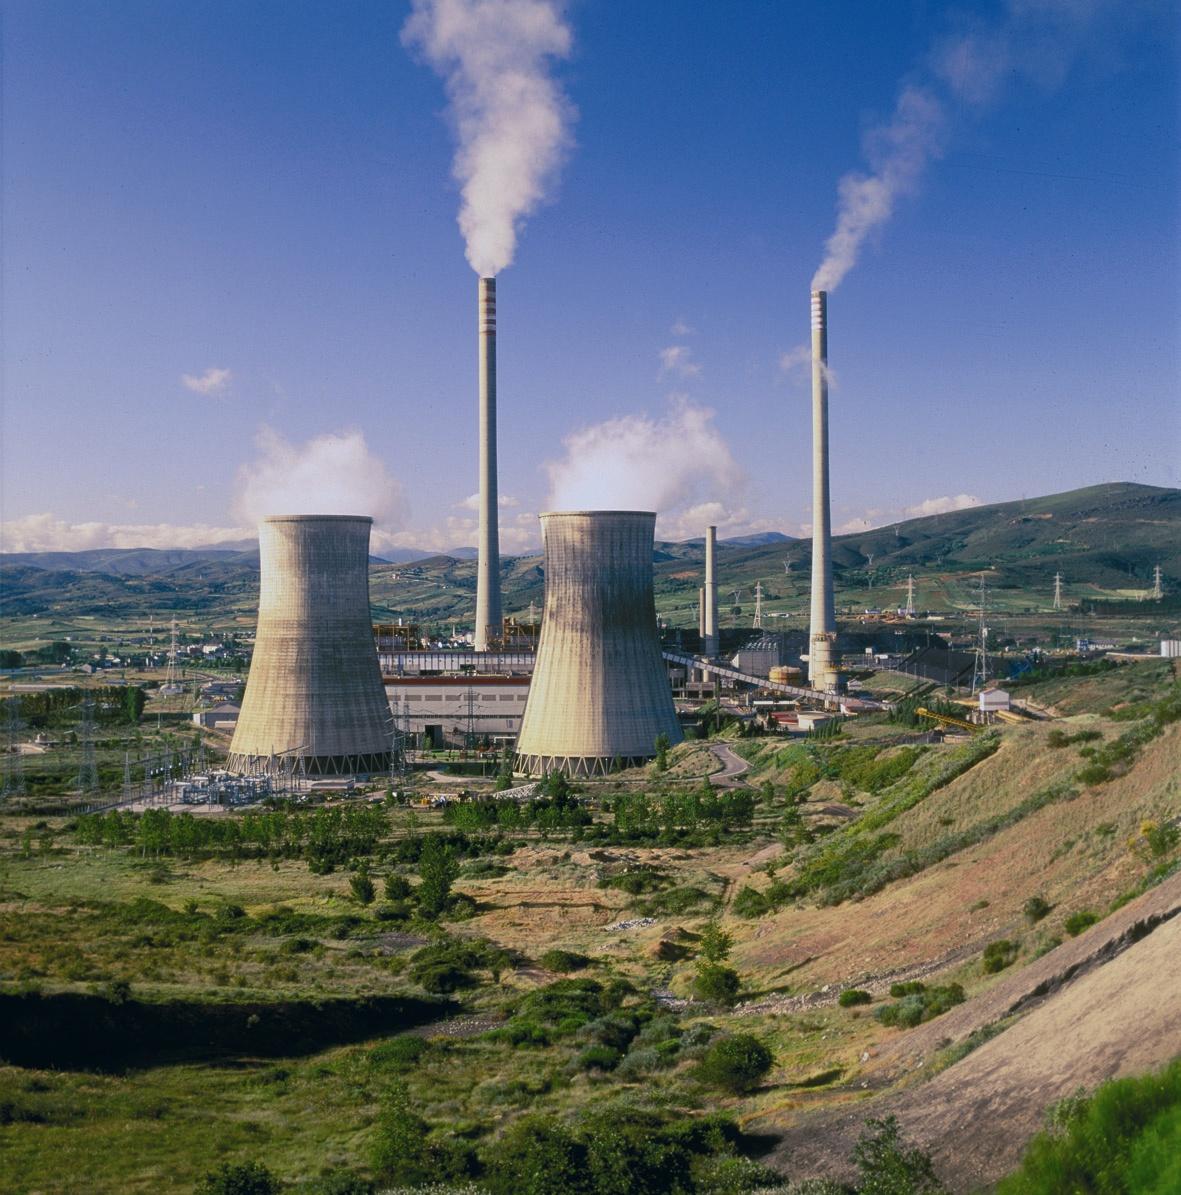 La contaminación de las centrales térmicas causó en el sur de China 3.600 muertes prematuras en 2011